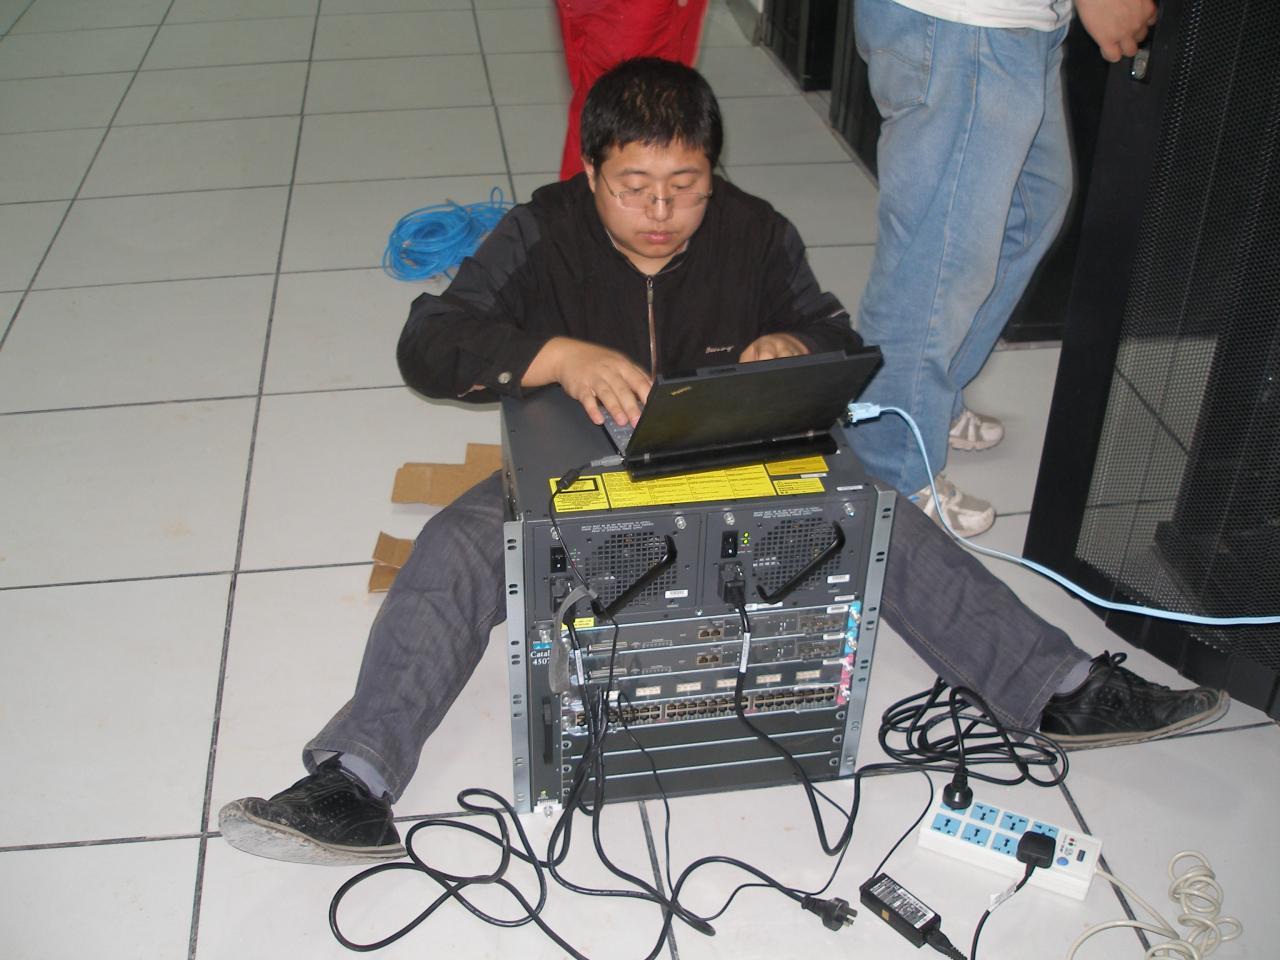 公司的电脑技术员以后怎么职业规划和发展呢 - 1